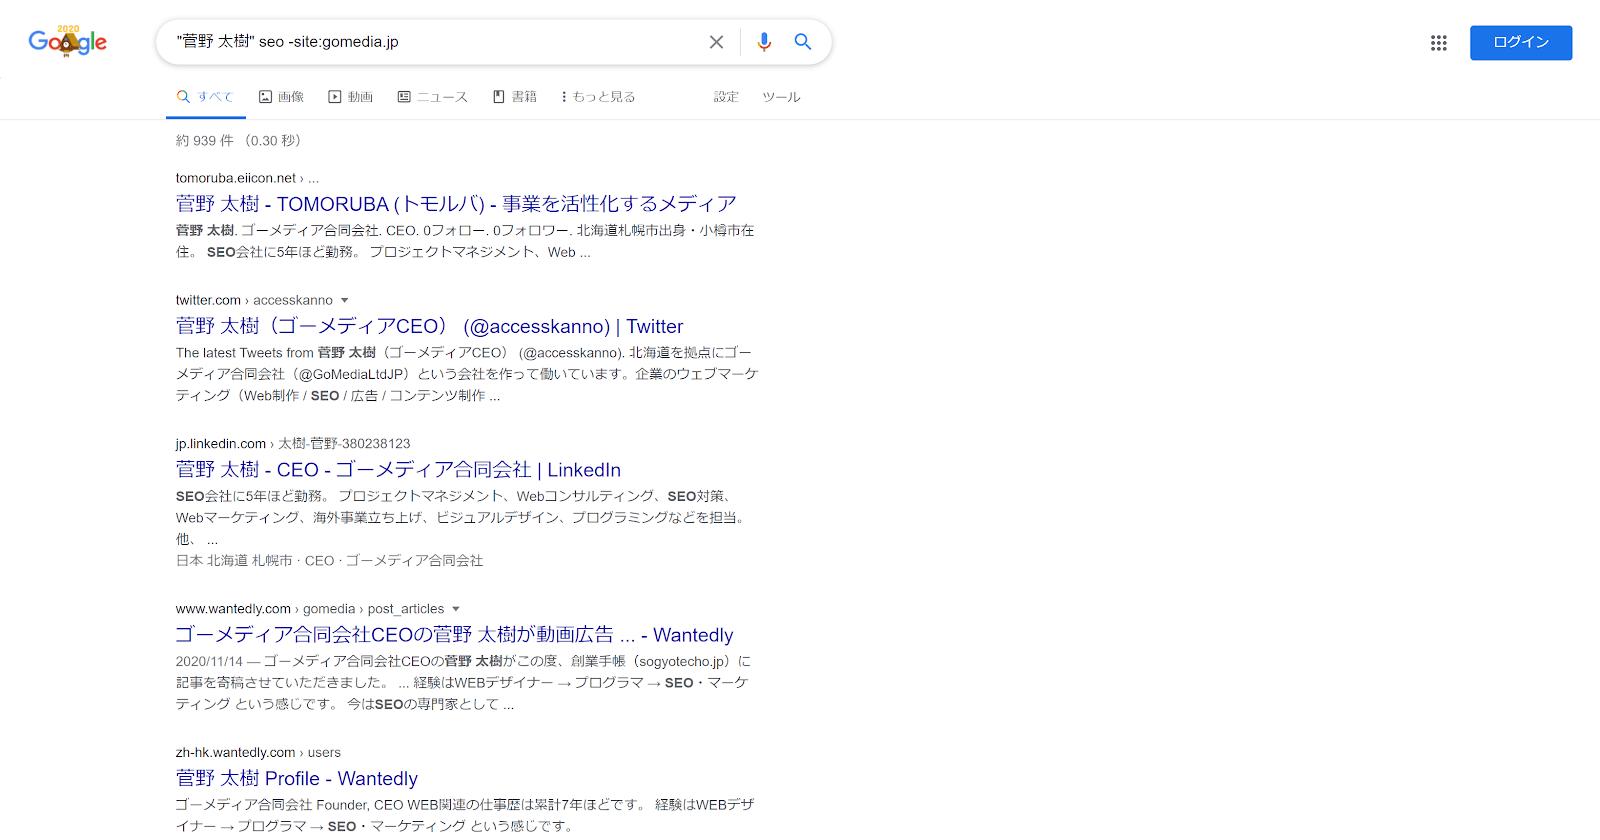 「菅野太樹」でチェックした結果